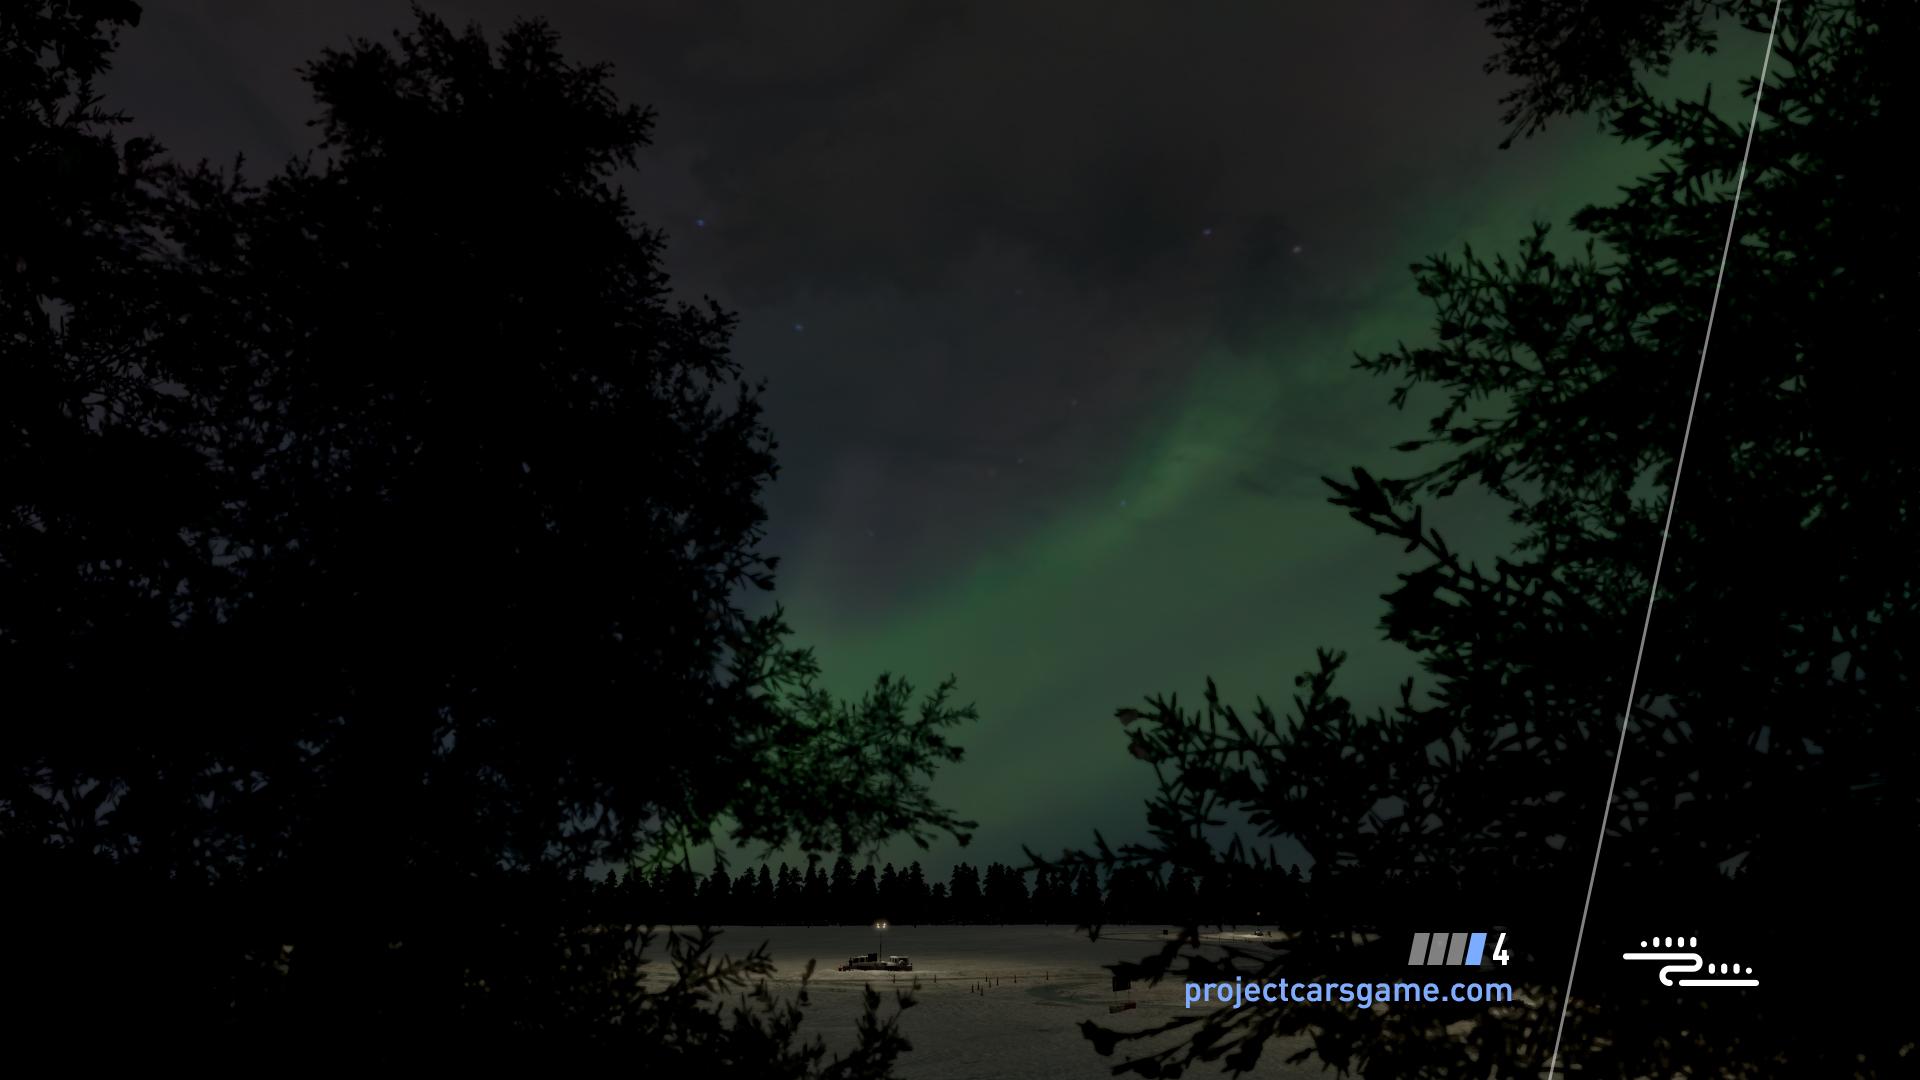 Oficiální obrázky potvrzují různé počasí v Project Cars 2 138001